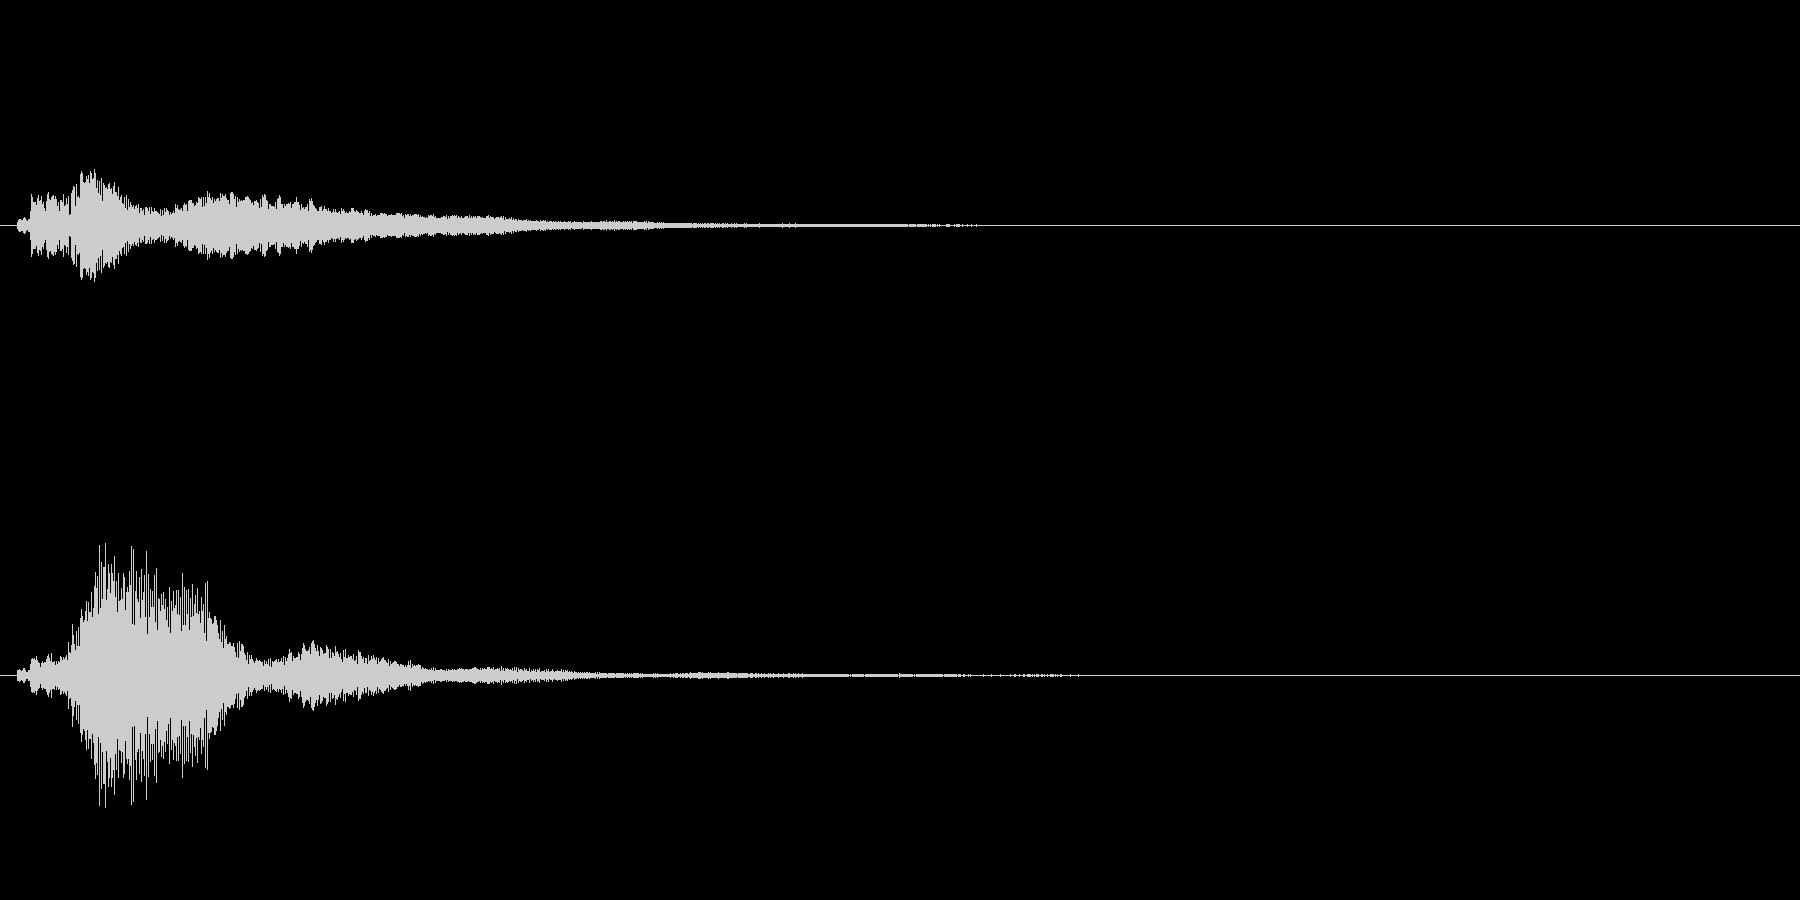 キラキラ系_066の未再生の波形